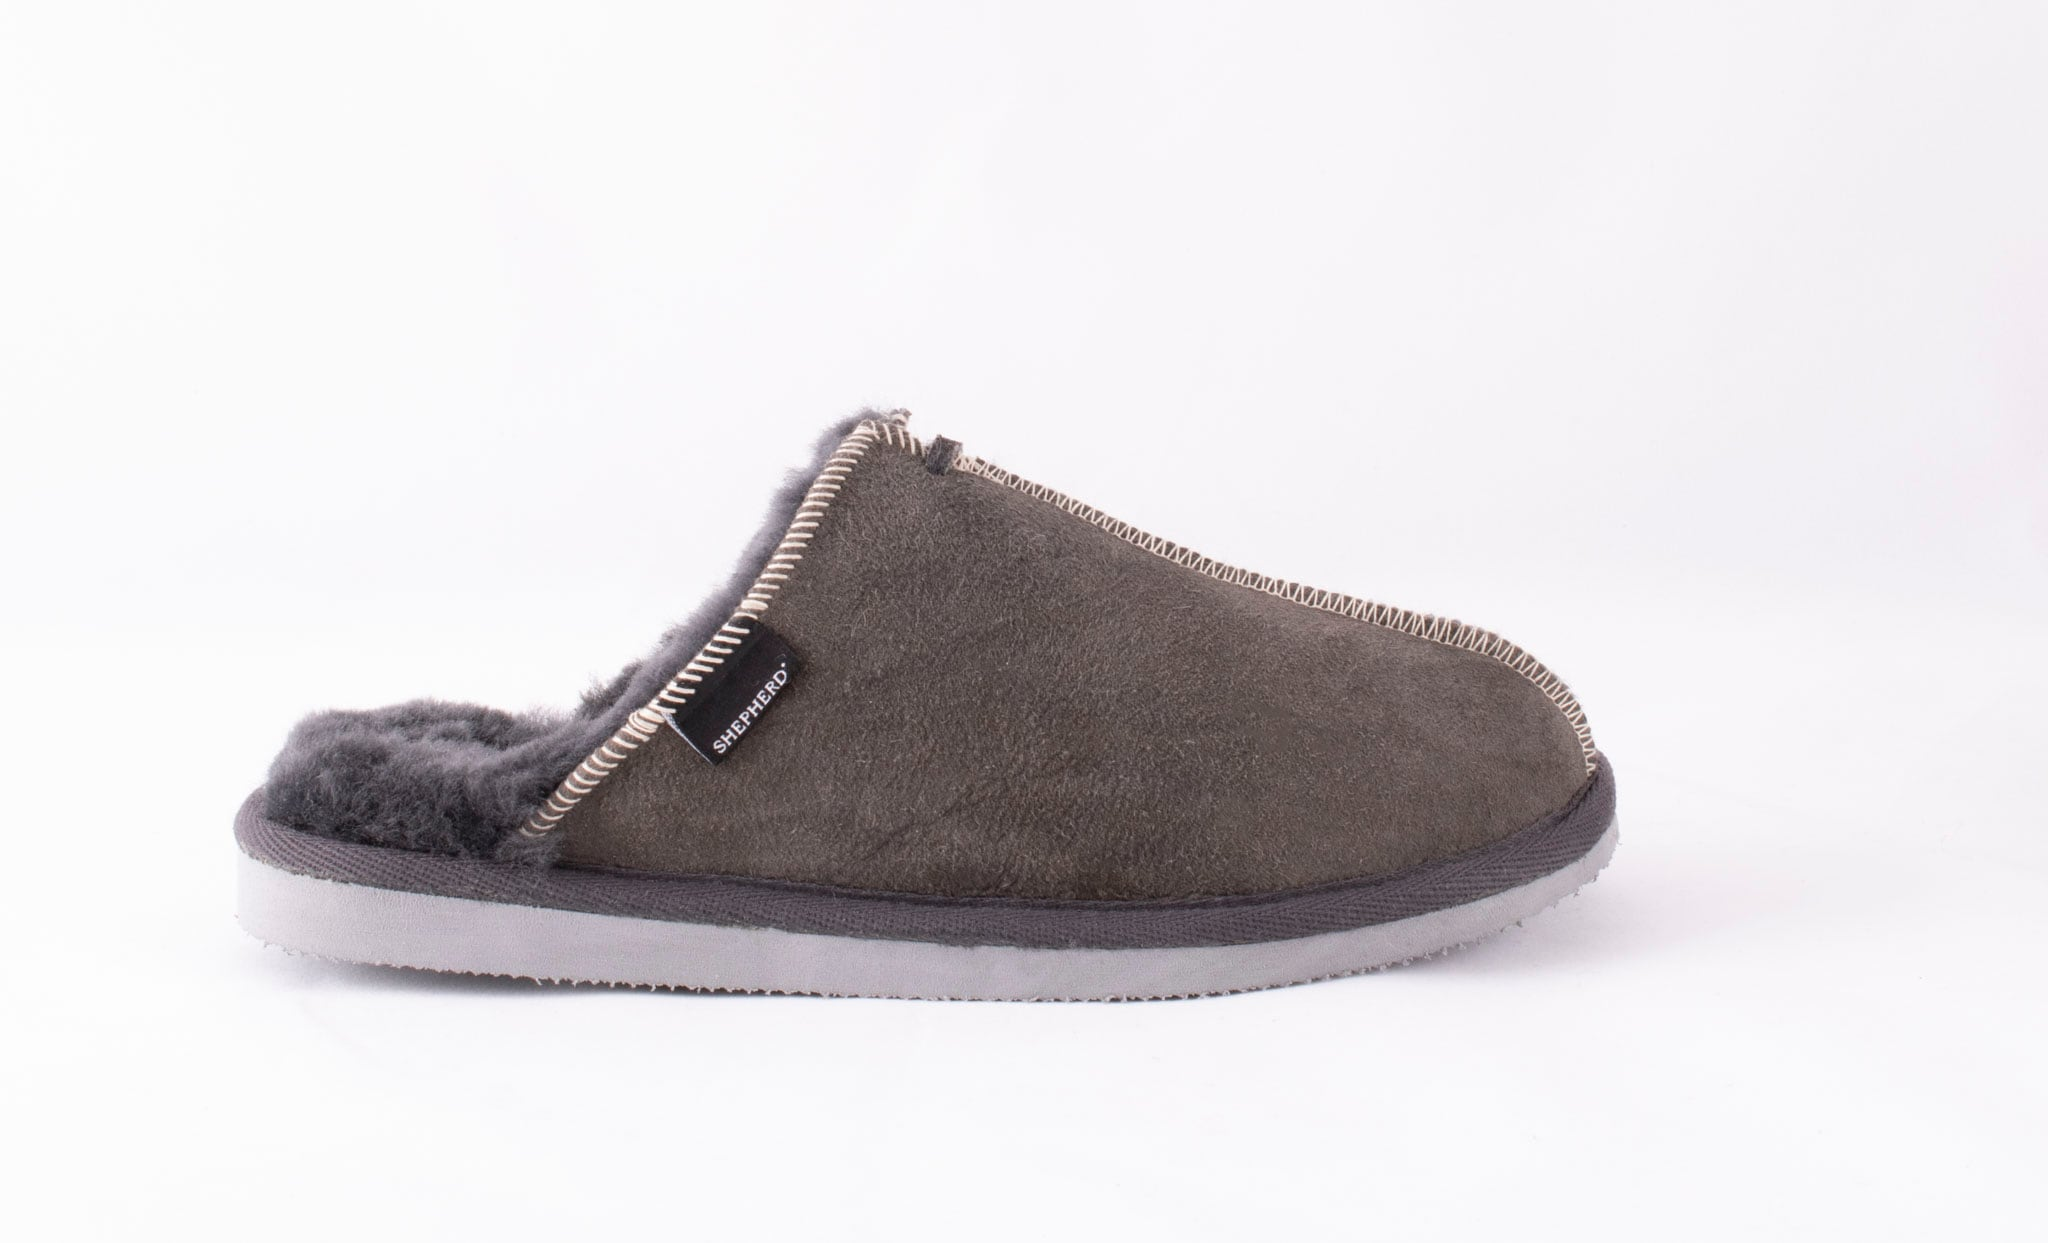 Shepherd Karla slippers